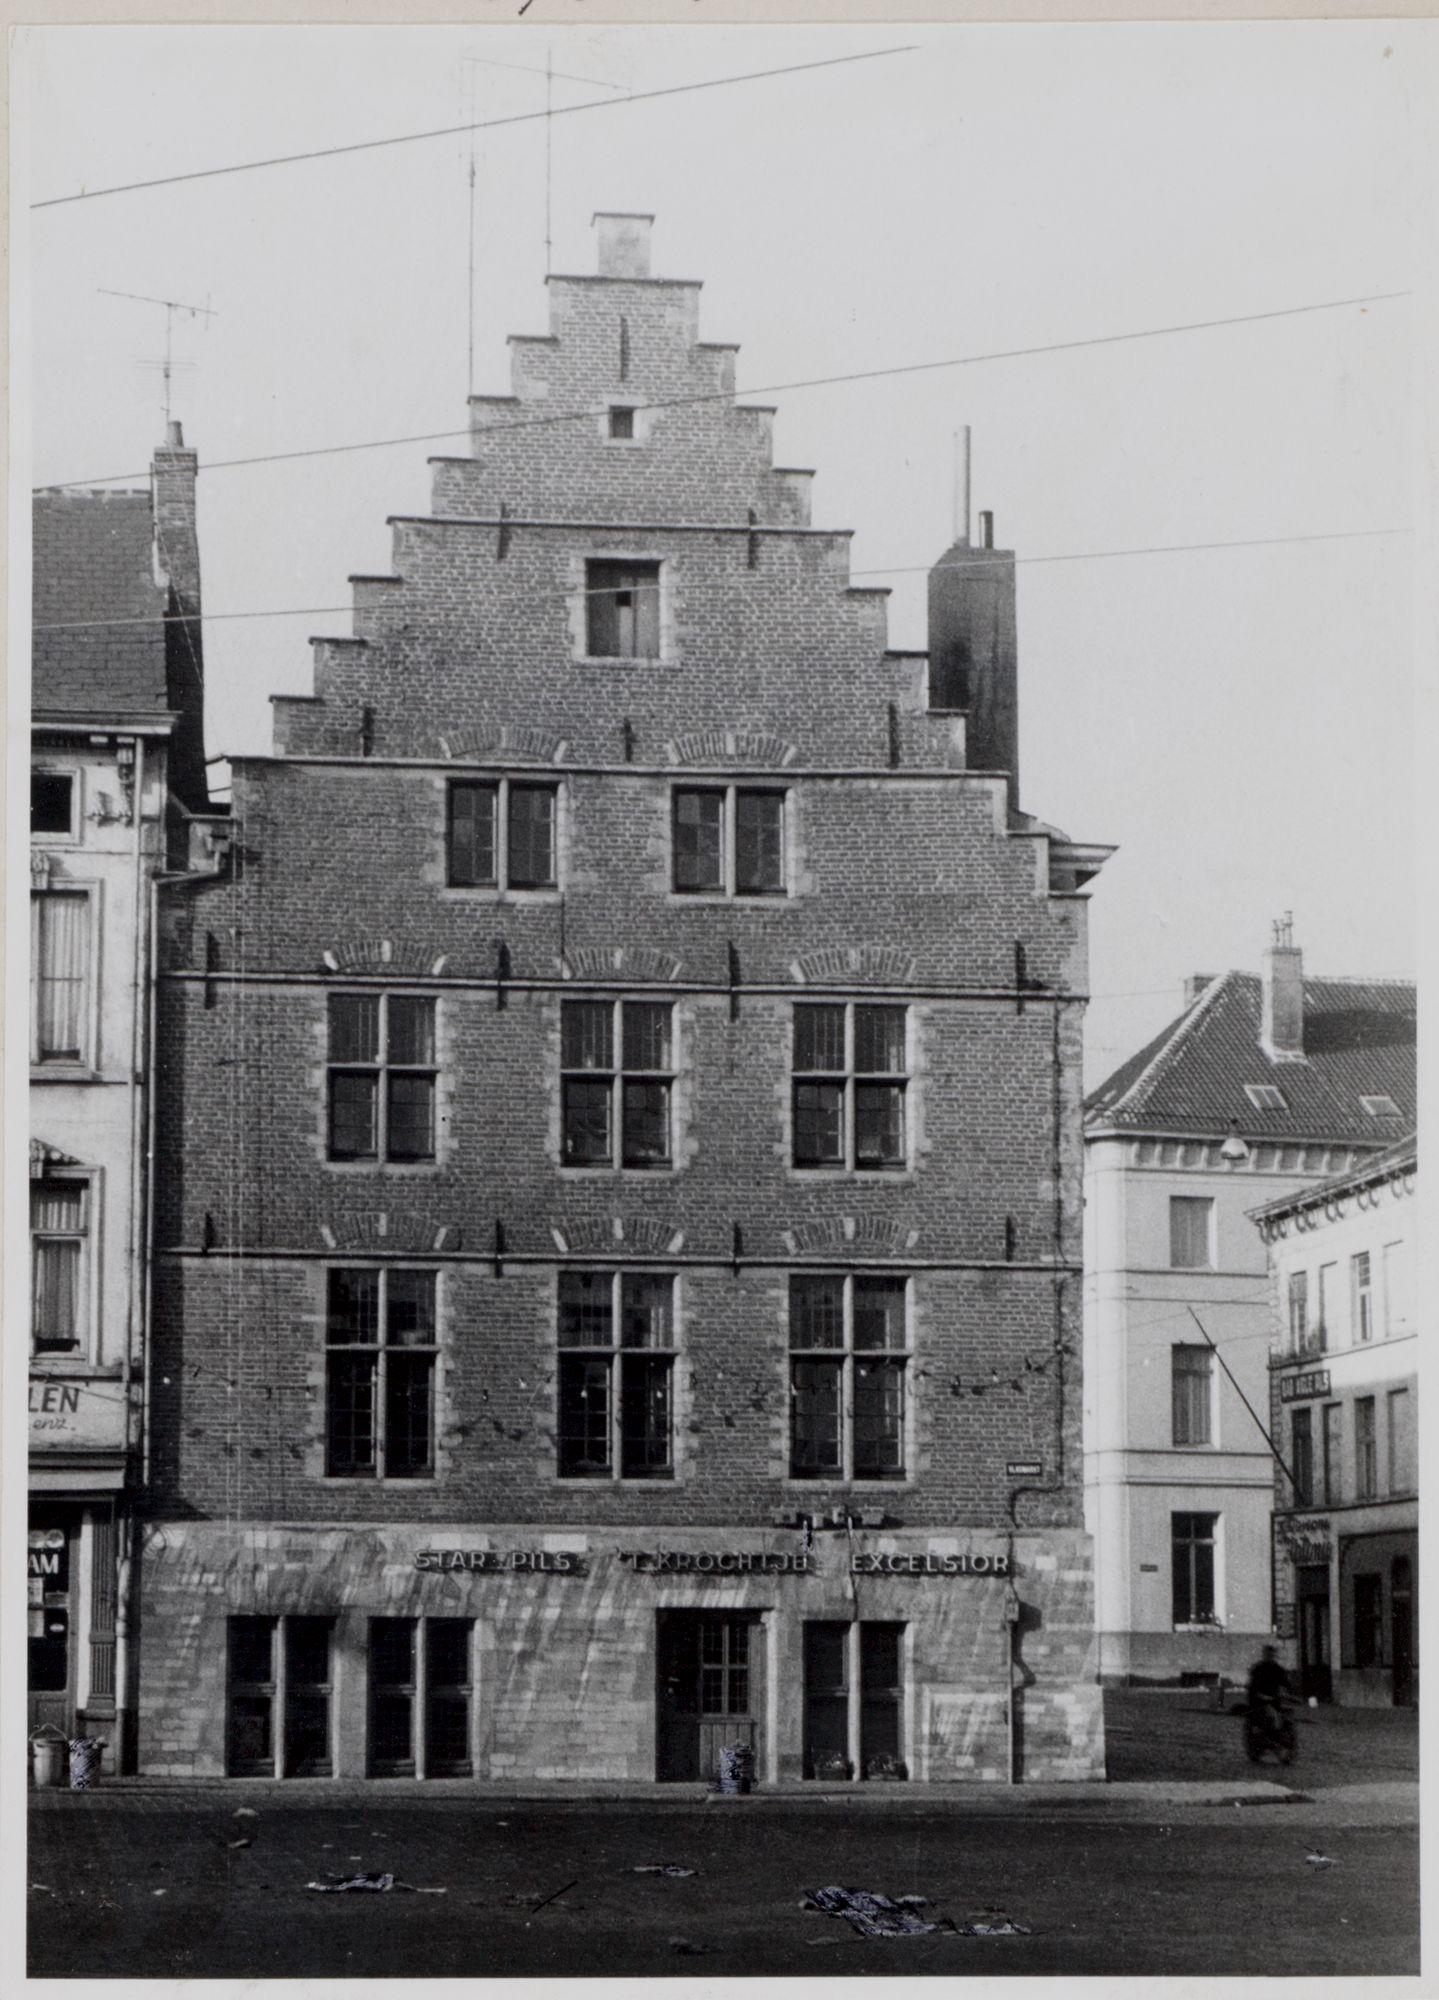 Gent: Vlasmarkt: Burgerhuis 't Krochtje